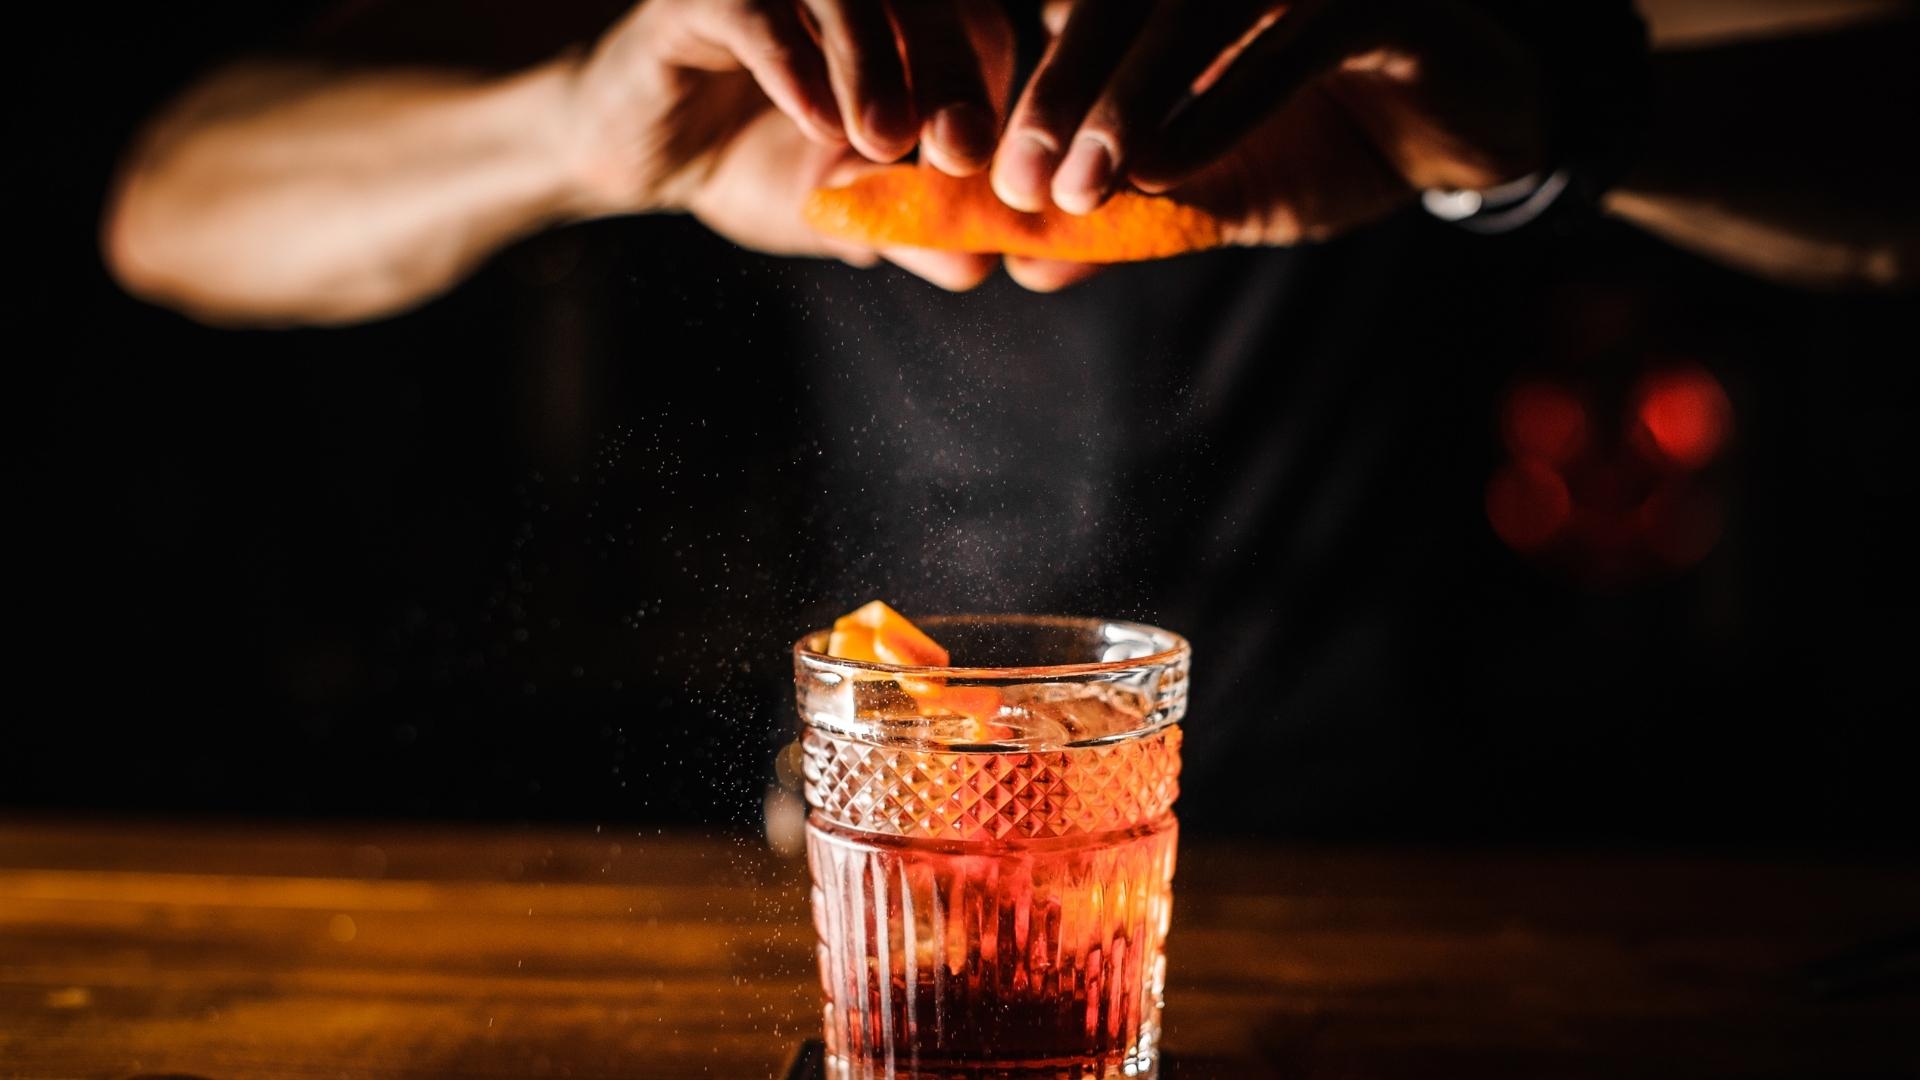 cocktailkurs-in-der-schweiz-cocktailkurs-in-zuerich-schweiz-online-cocktailkurs-virtuell-schweizweit-cocktailworkshop-barkeeperkurs